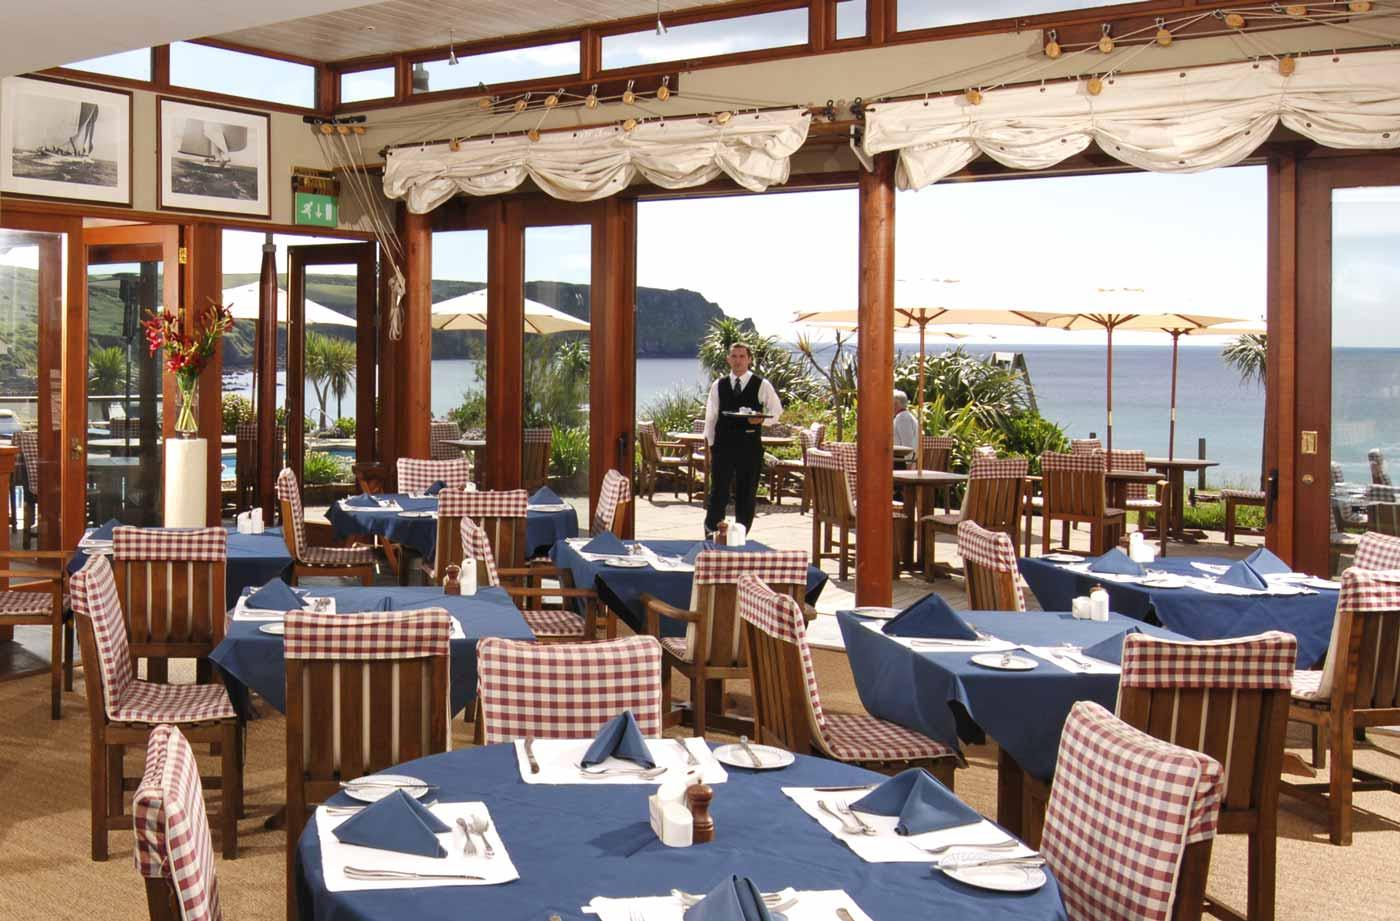 The Nare Hotel, Truro restaurant